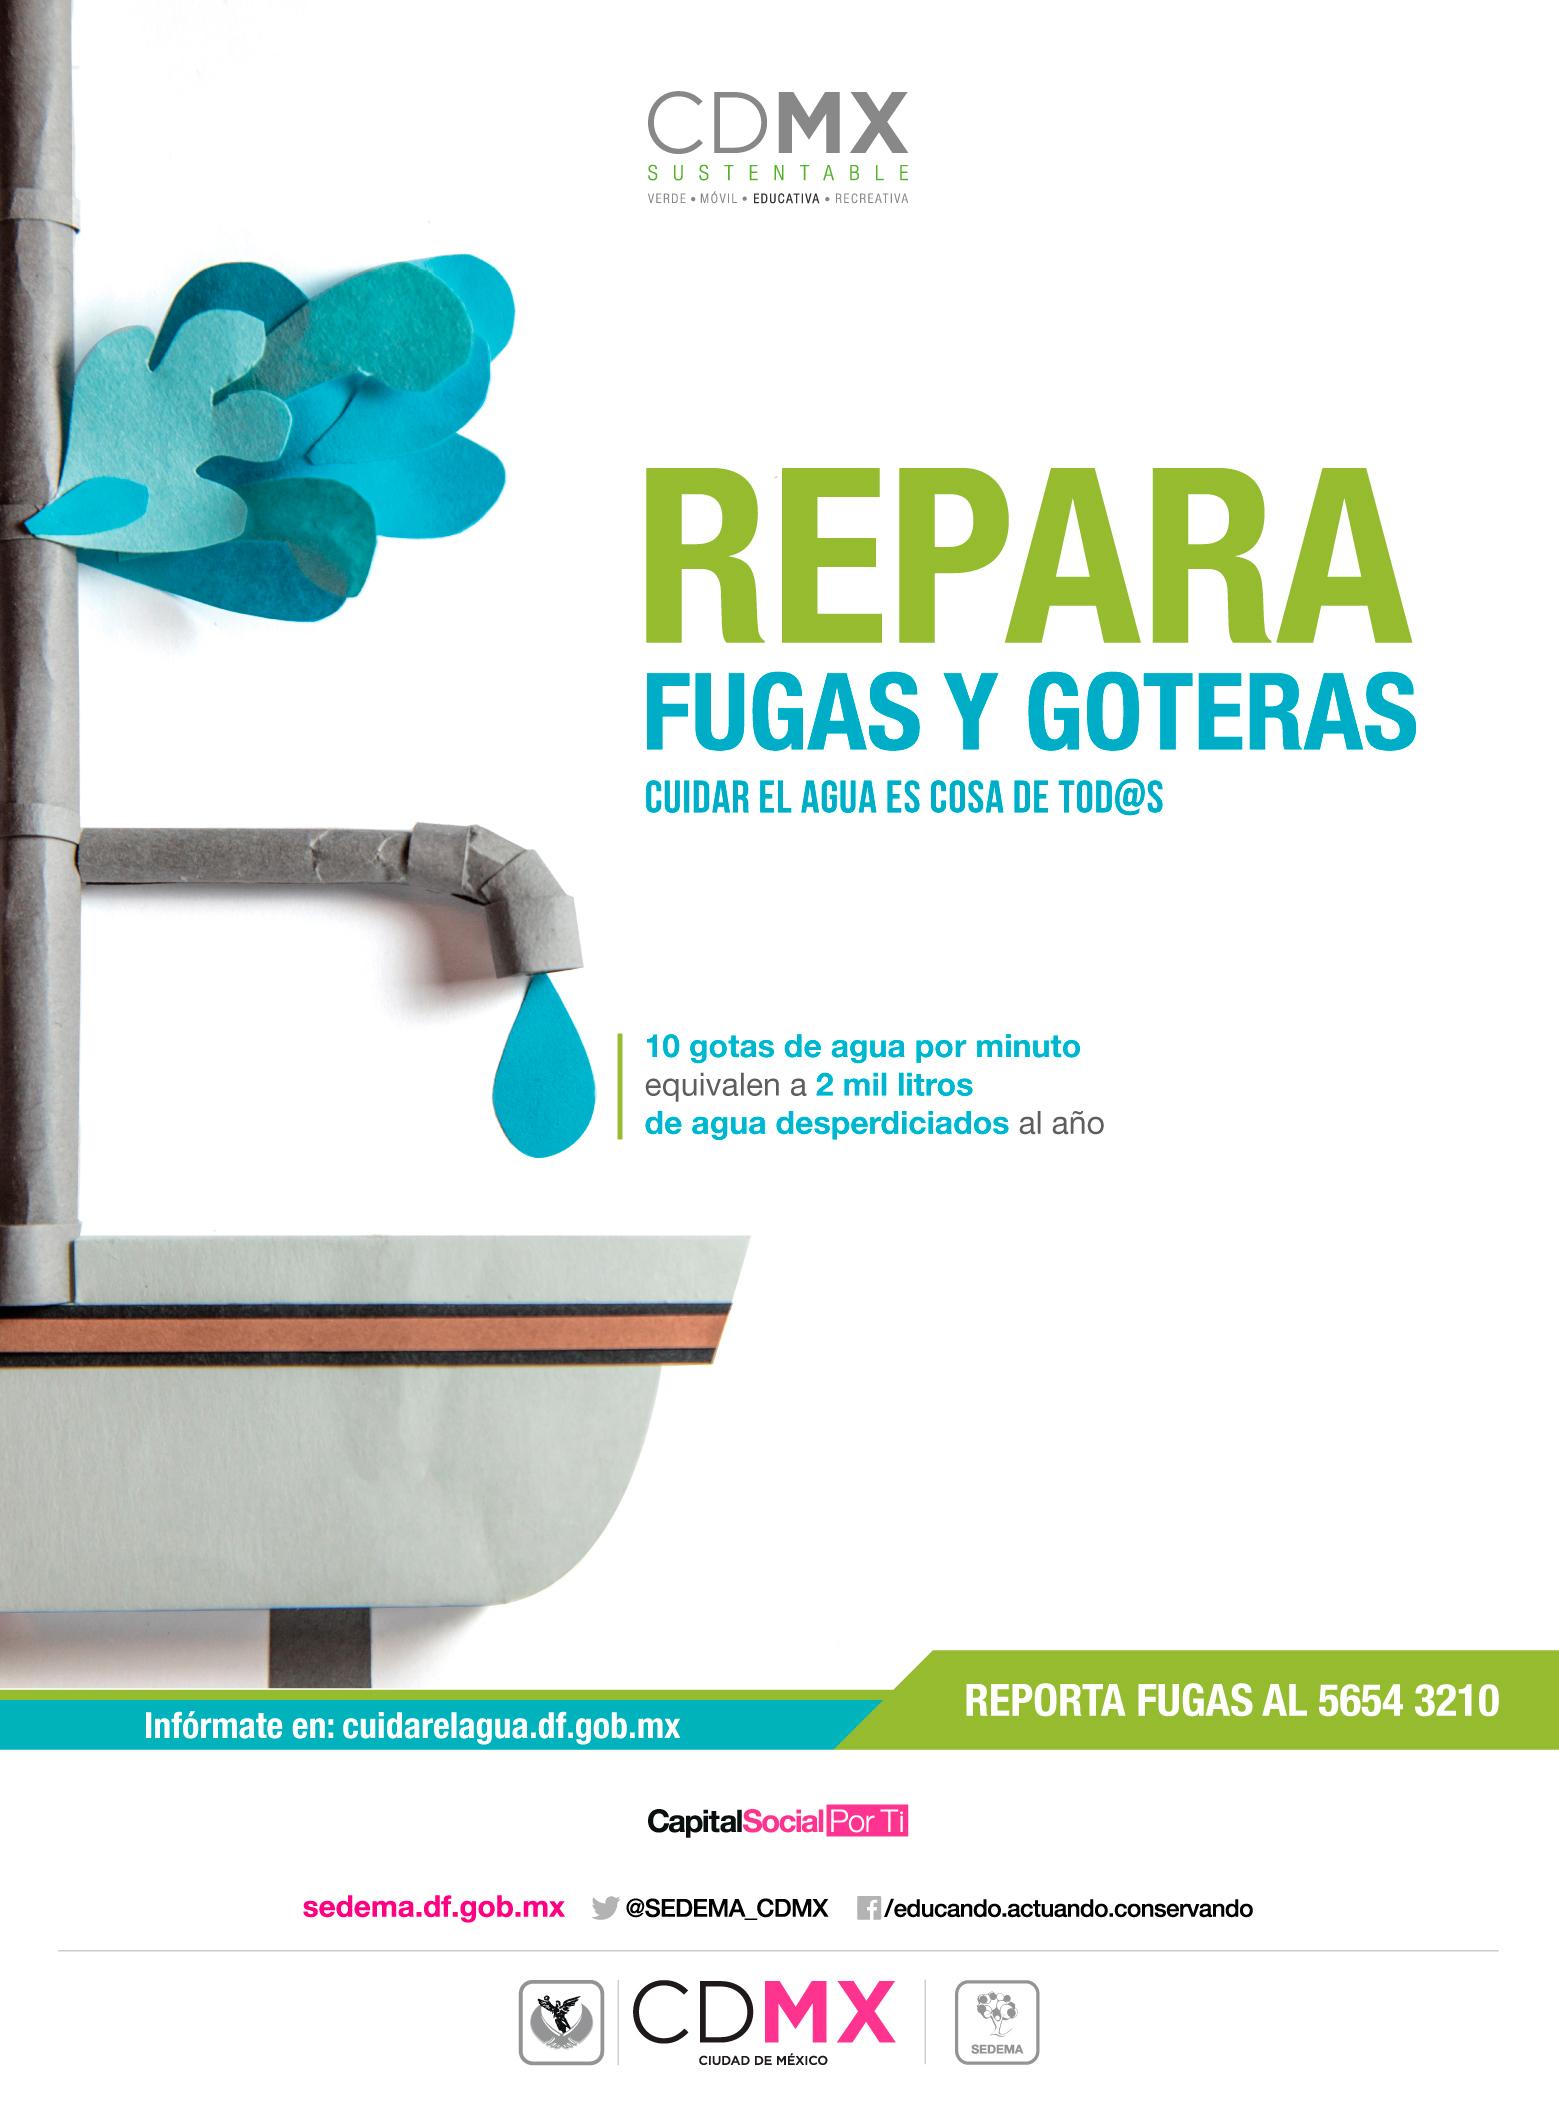 campa-agua02